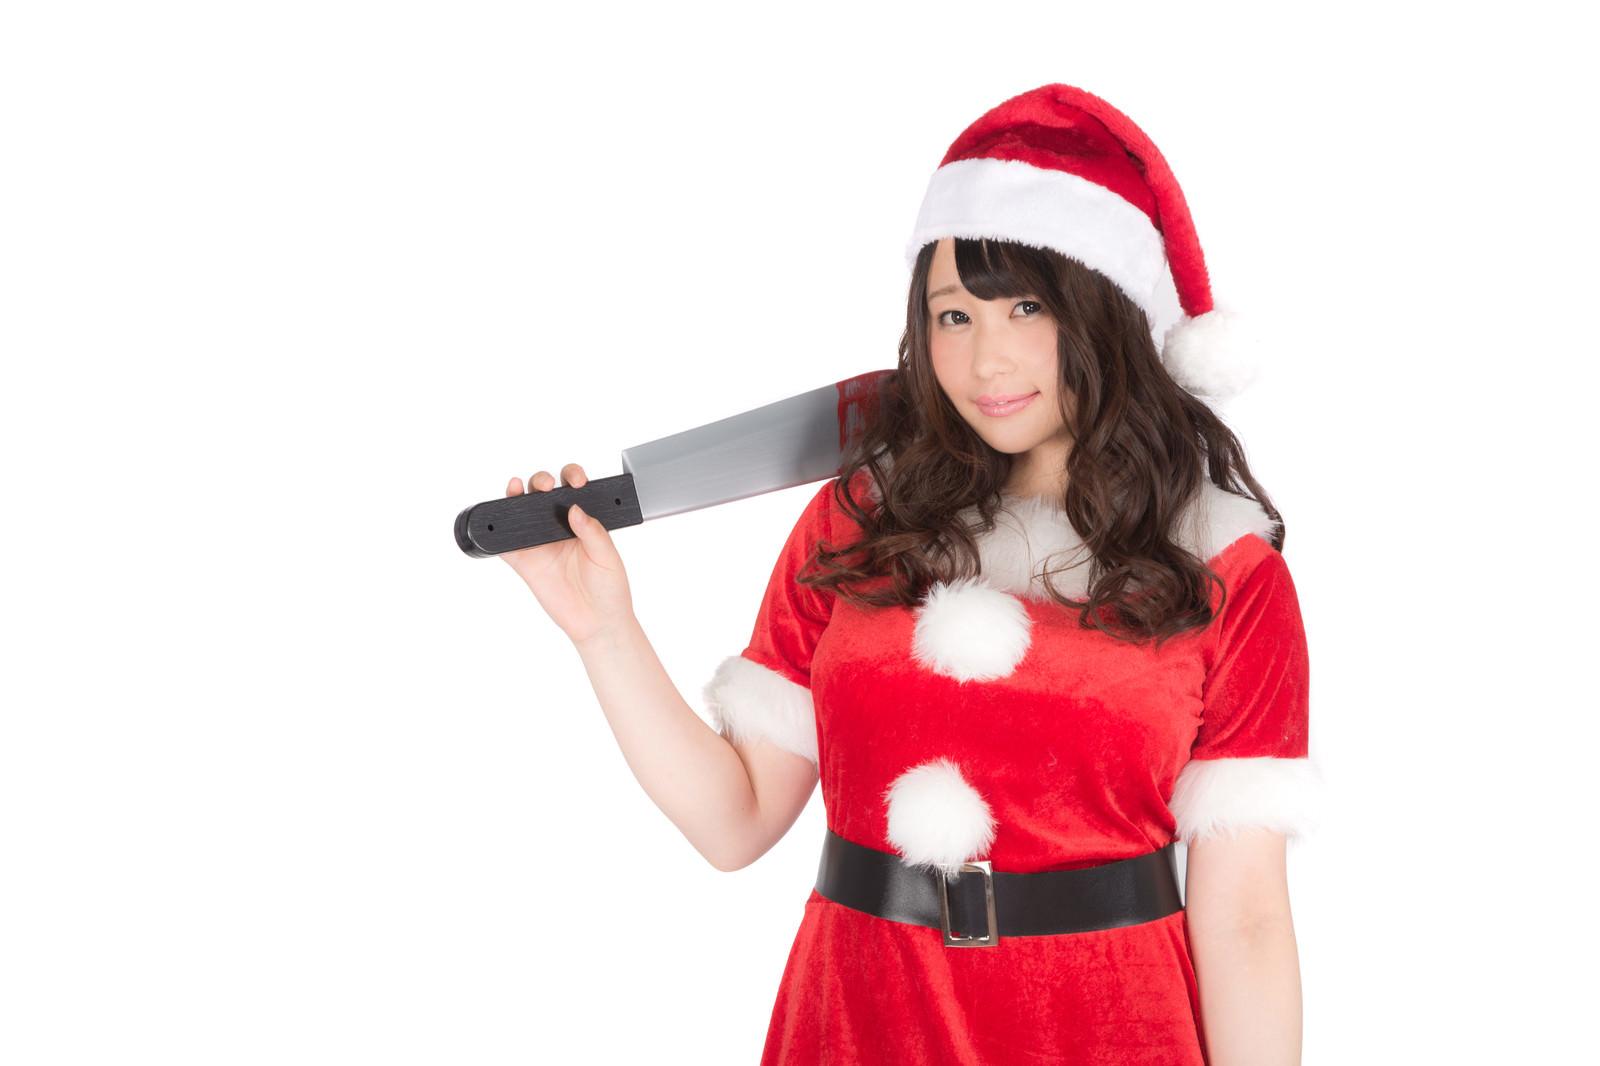 「ようこそ血のクリスマスへ(ハニートラップ)」の写真[モデル:茜さや]